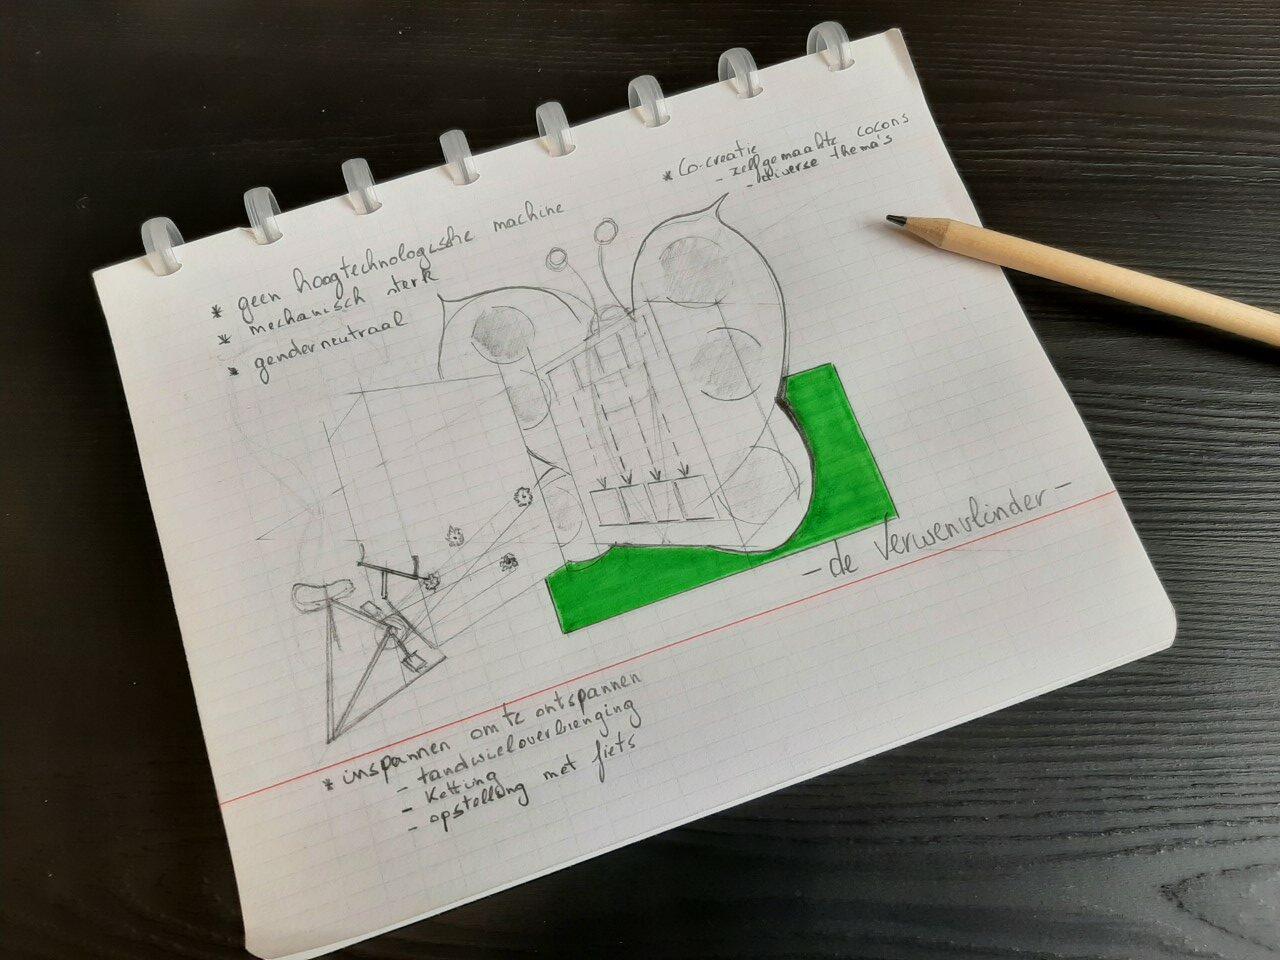 De eerste technische schets van de Verwenvlinder door het secundair onderwijs